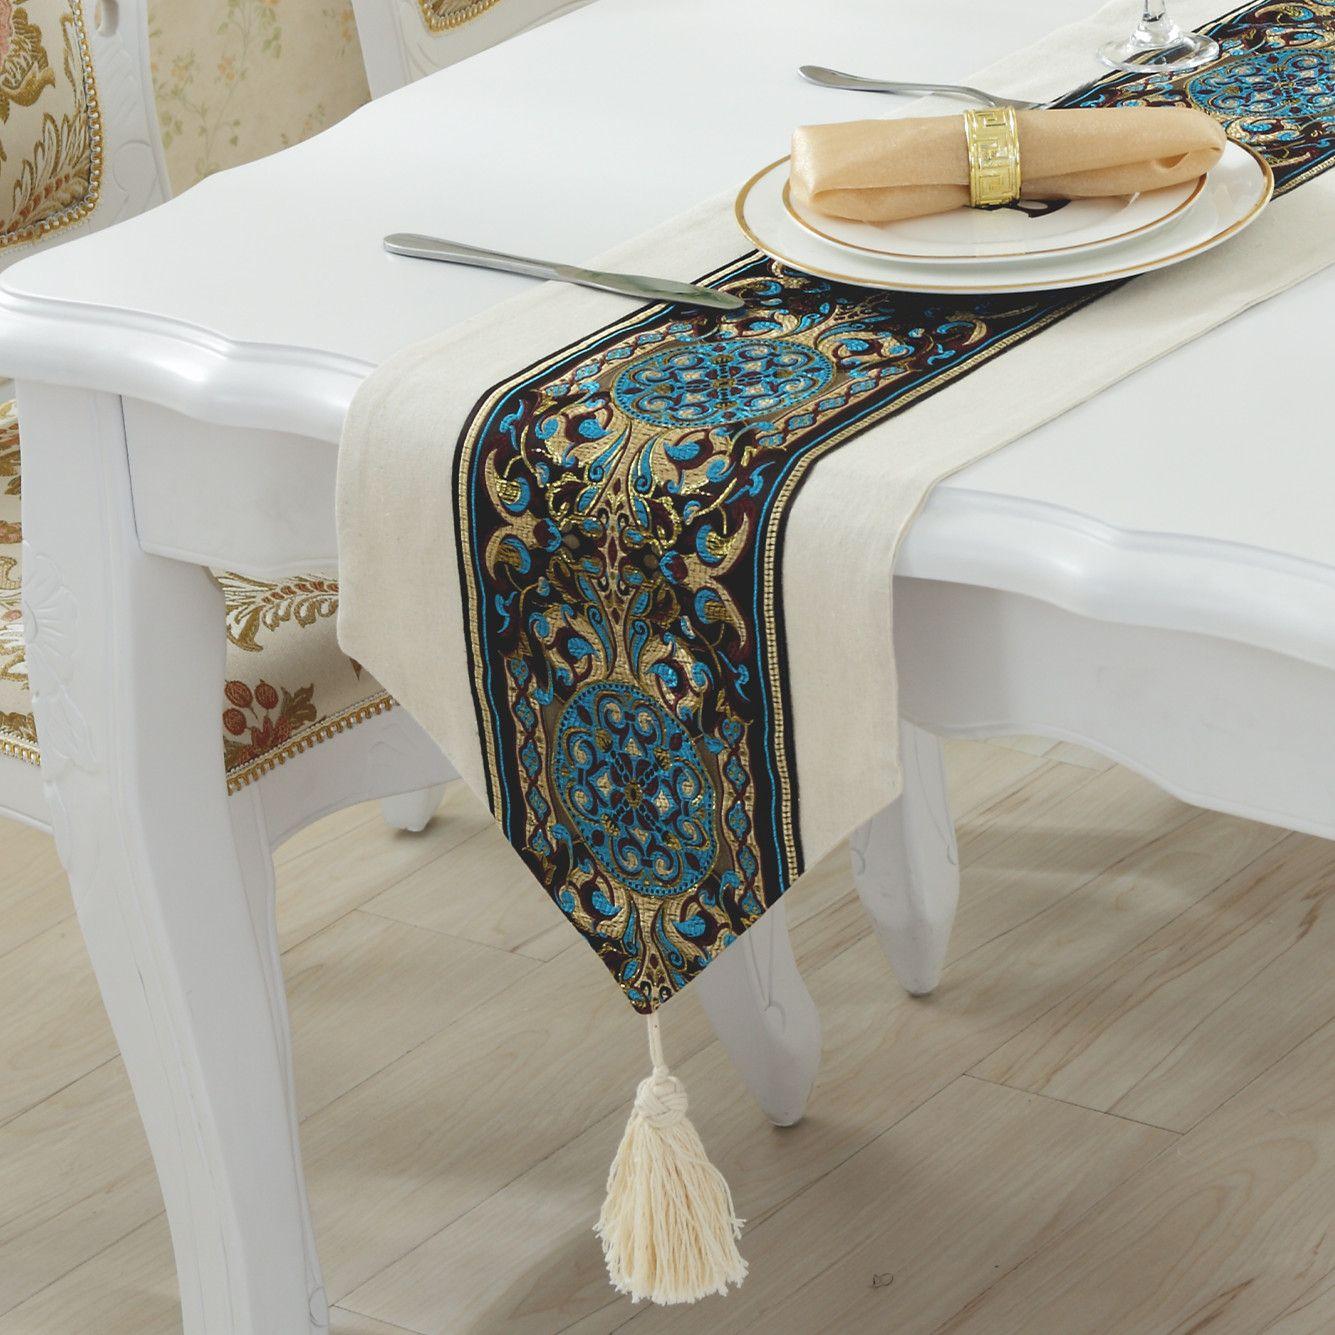 Einfache moderne europäische Luxus Tischläufer bestickte Leinen solide Couchtischläufer Tischdecken mediterrane Bettläufer